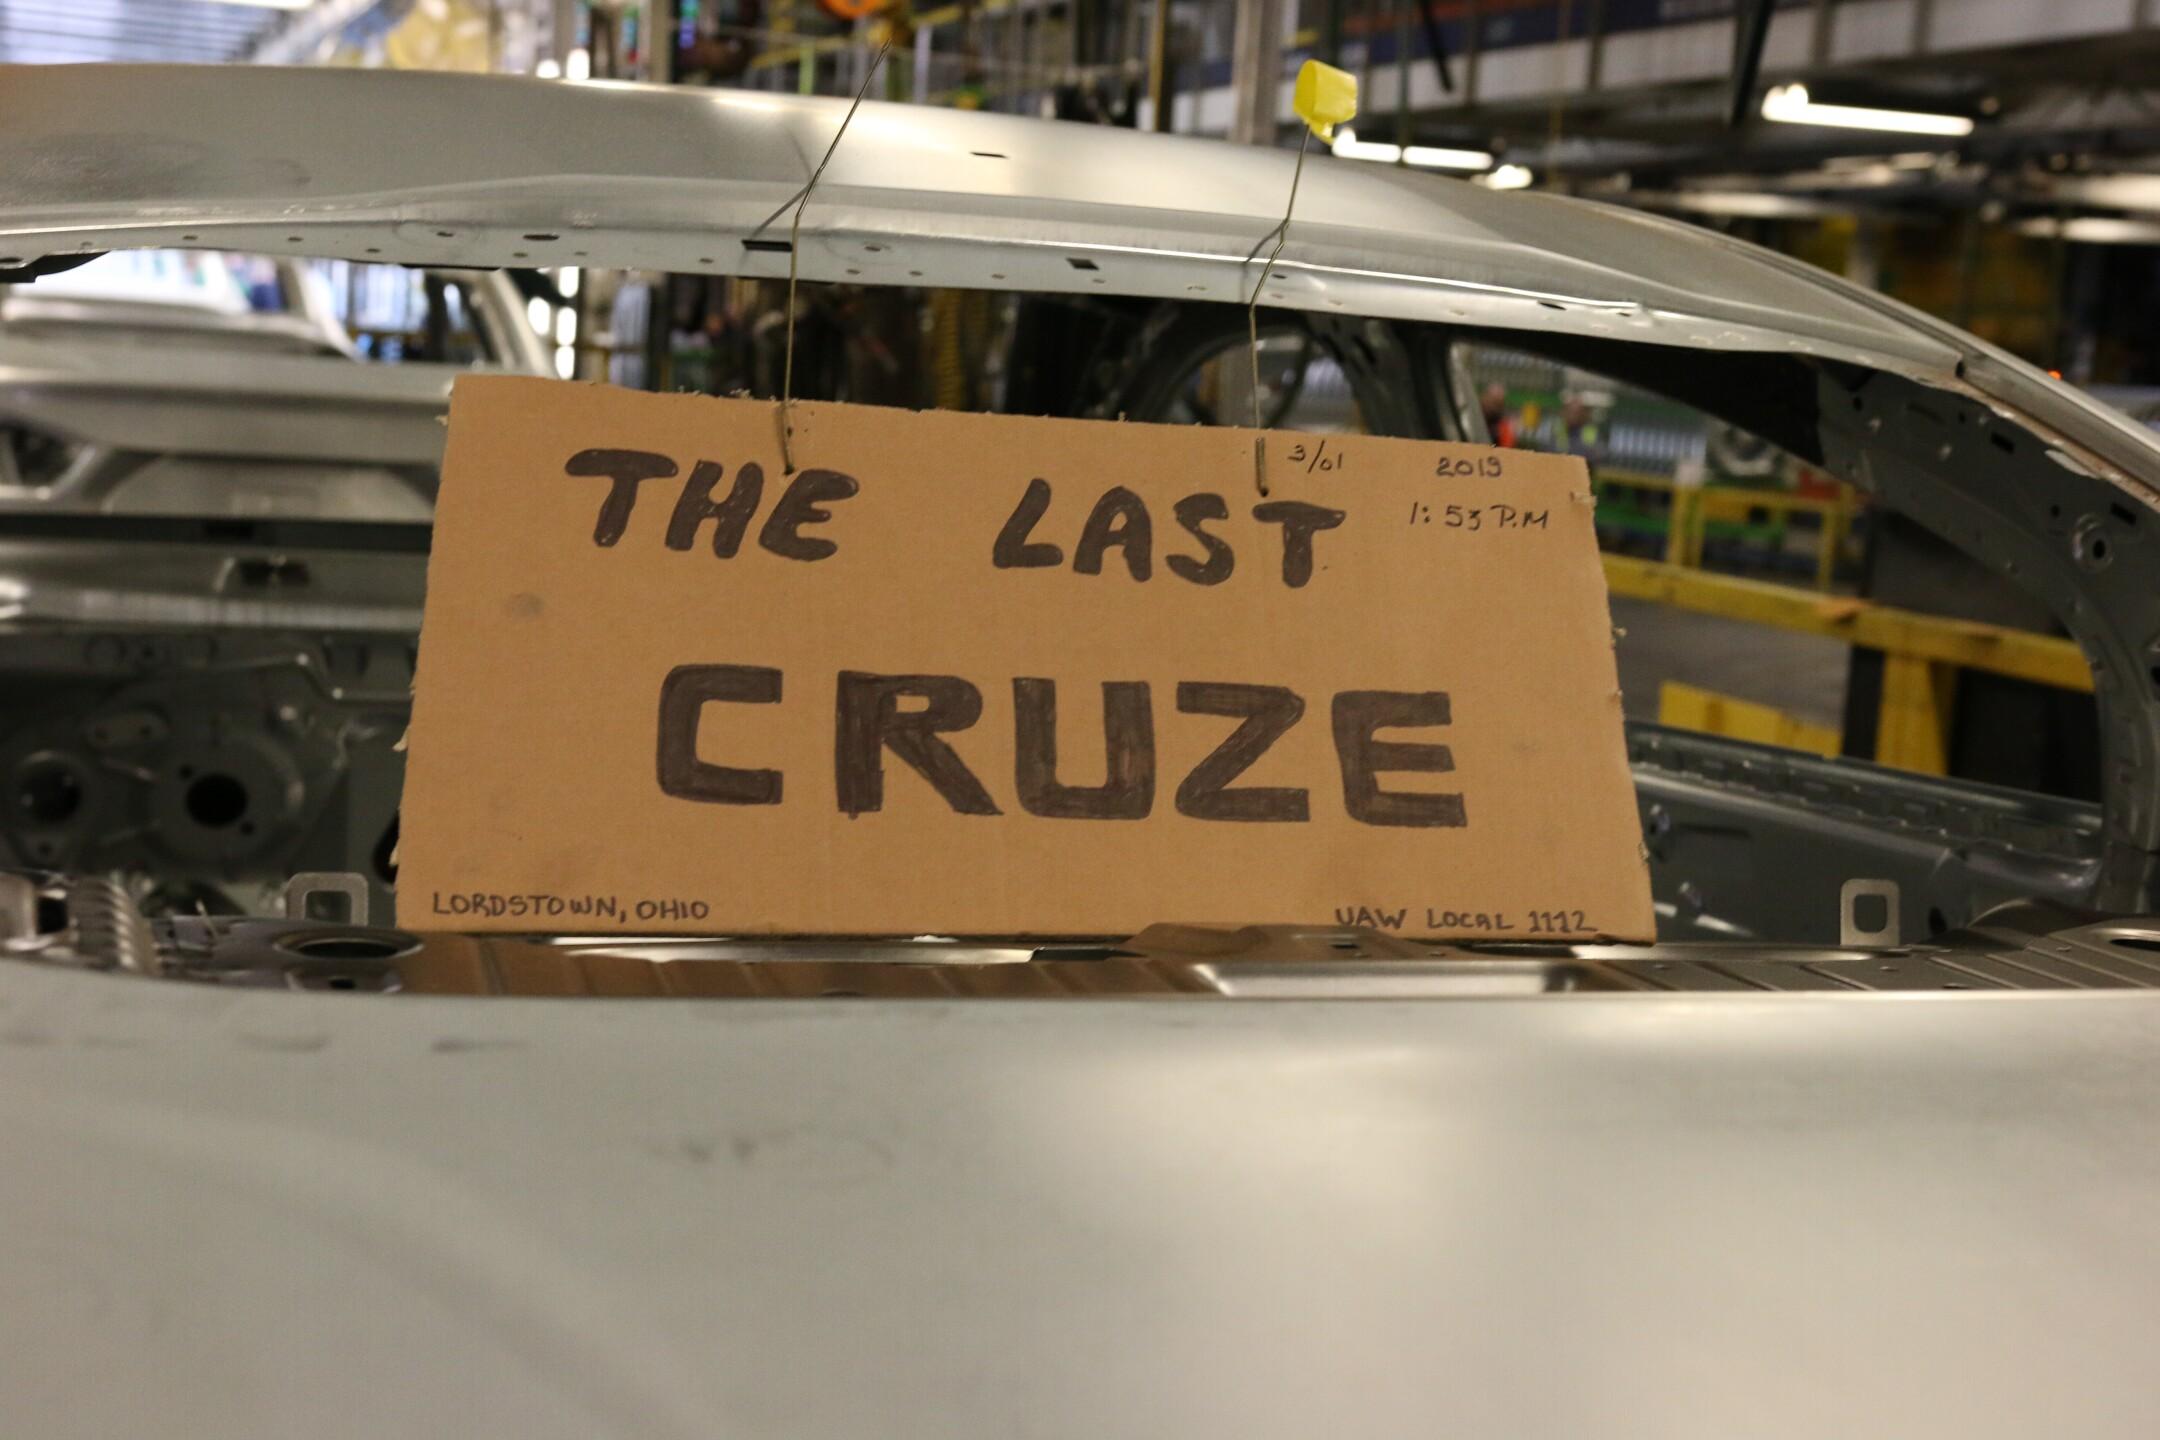 The Last Cruze